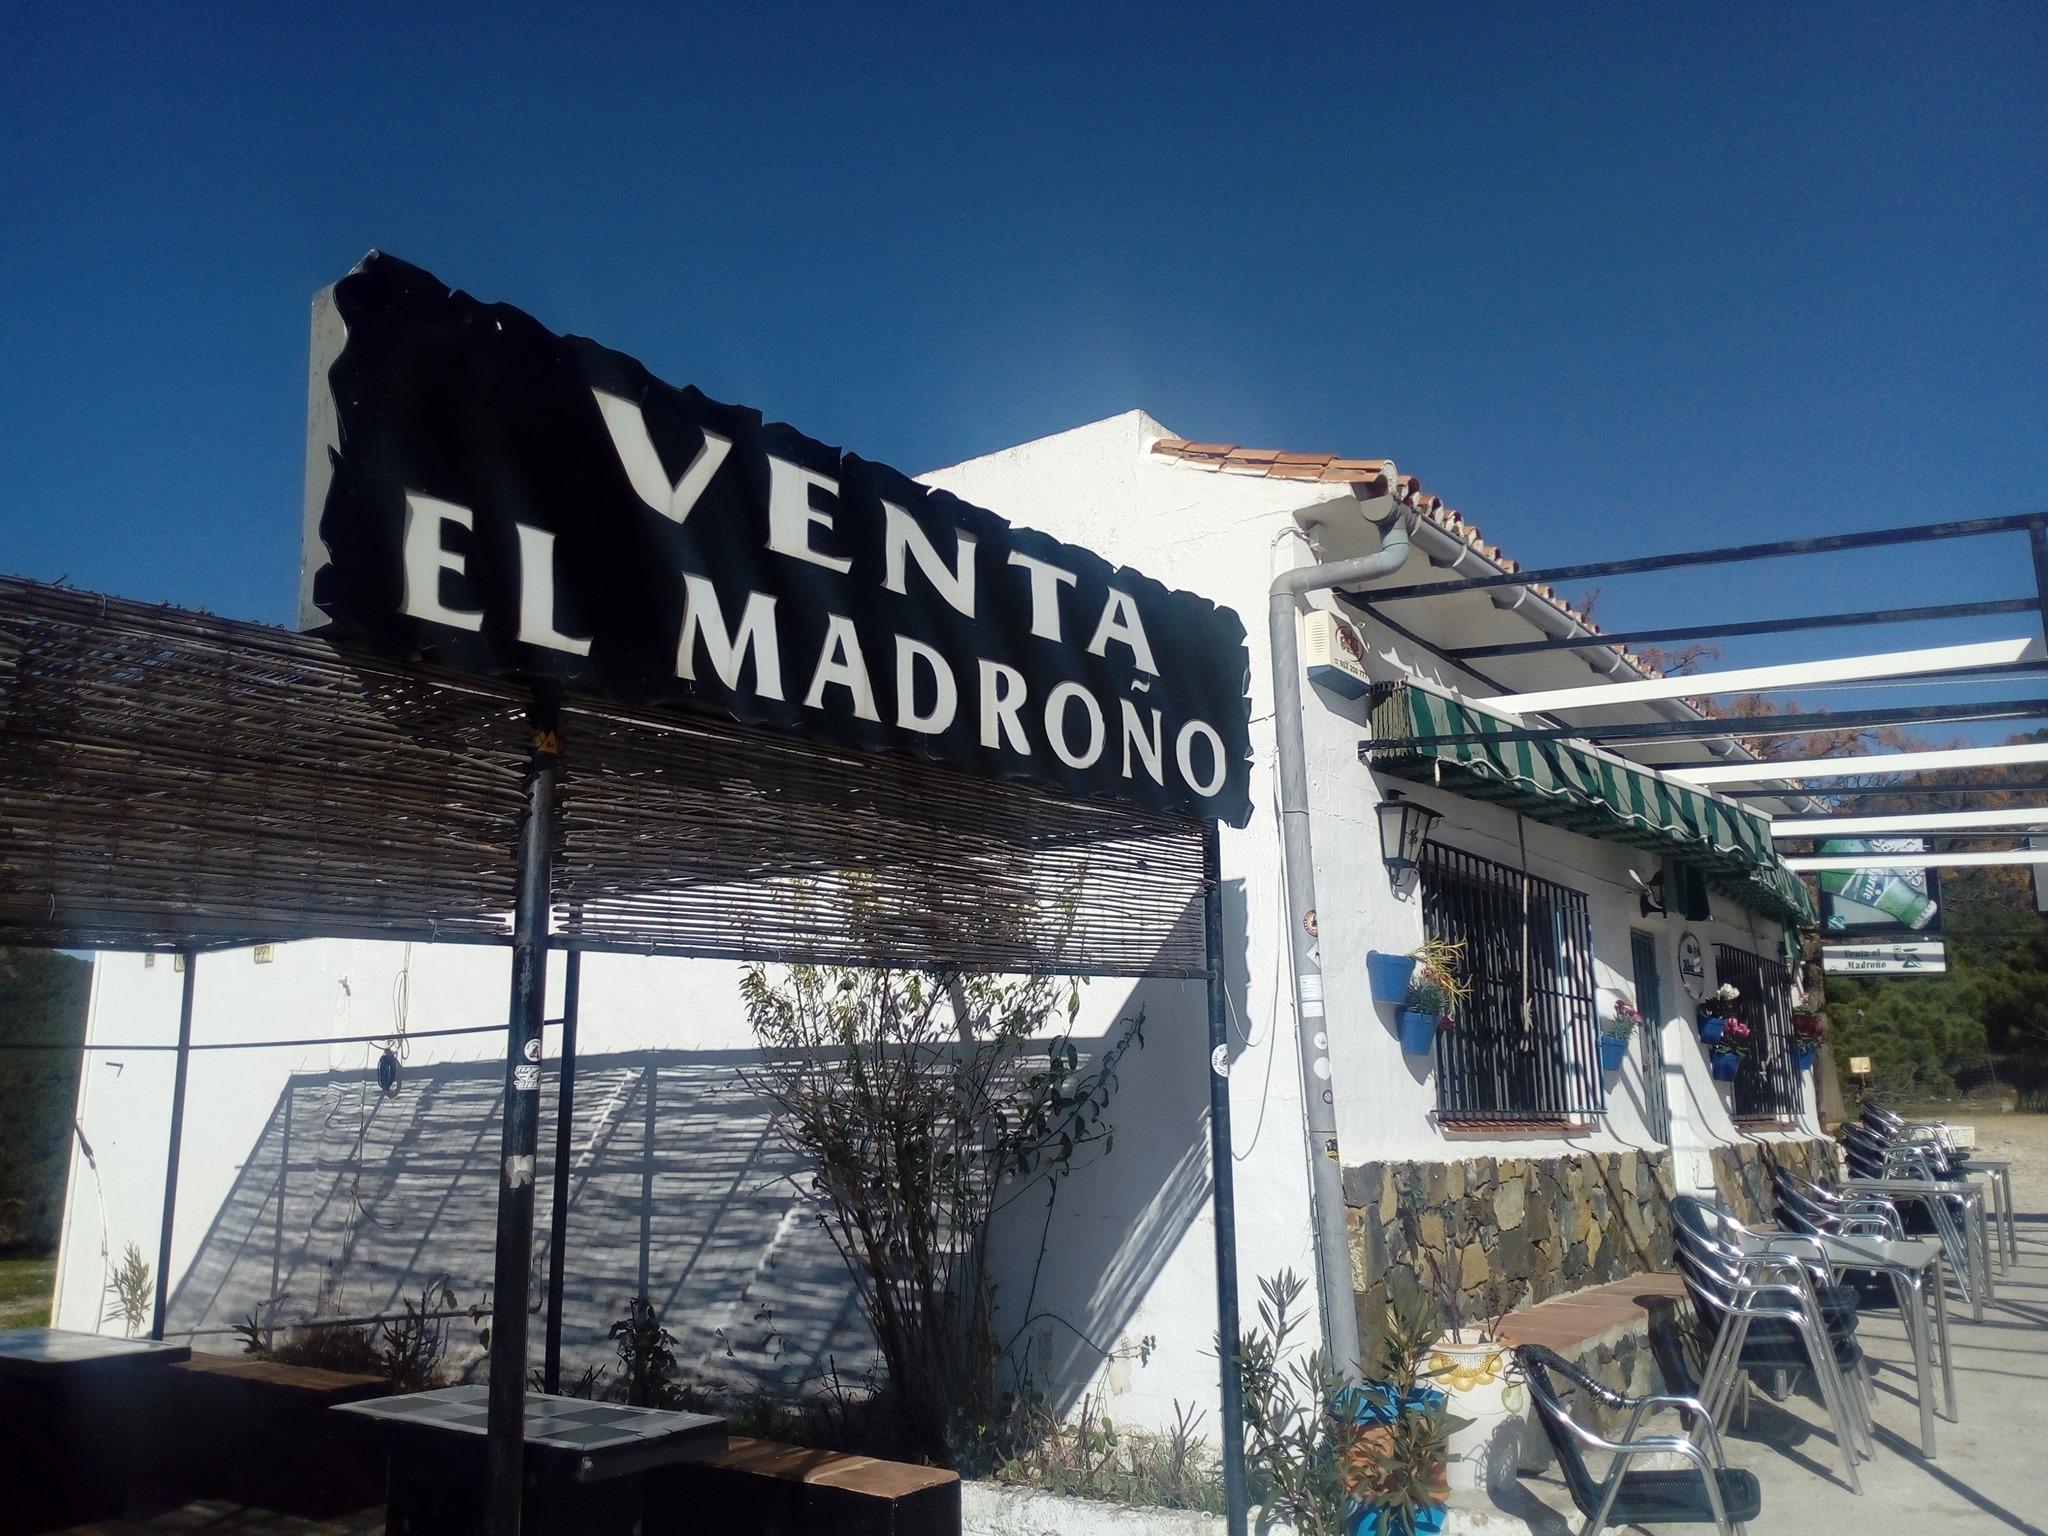 Venta El Madroño